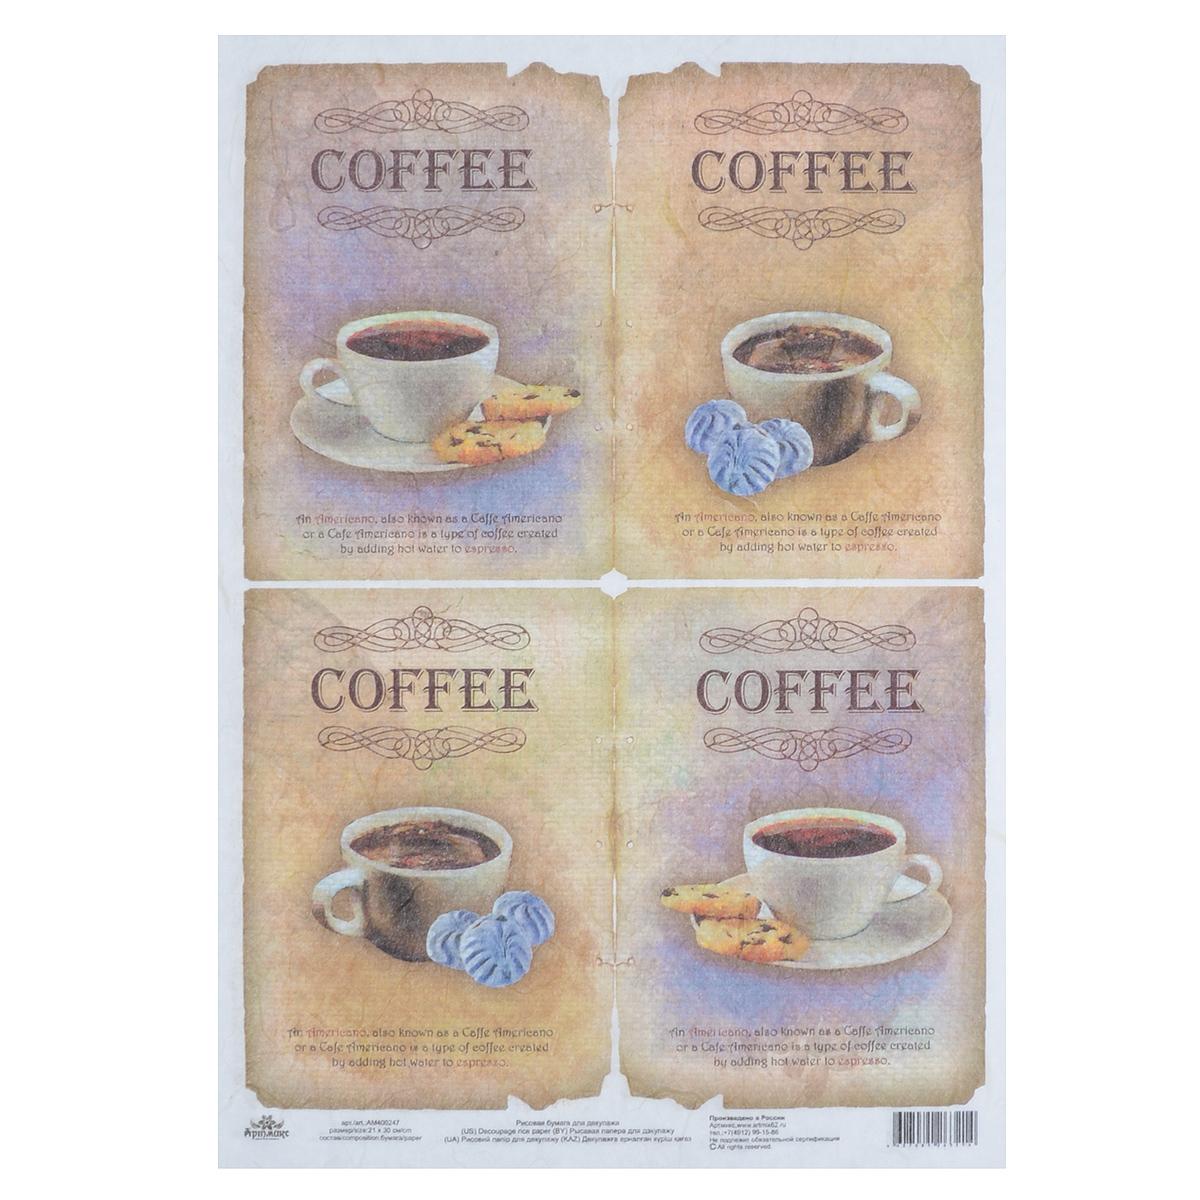 Рисовая бумага для декупажа Чашечка кофе, 21 см х 30 смAM400247Рисовая бумага для декупажа Чашечка кофе - мягкая бумага с выраженной волокнистой структурой легко повторяет форму любых предметов. При работе с этой бумагой вам не потребуется никакой дополнительной подготовки перед началом работы. Вы просто вырезаете или вырываете нужный фрагмент, и хорошо проклеиваете бумагу на поверхности изделия. Рисовая бумага для декупажа идеально подходит для стекла. В отличие от салфеток, при наклеивании декупажная бумага практически не рвется и совсем не растягивается. Клеить ее можно как на светлую, так и на темную поверхность. Для новичков в декупаже - это очень удобно и гарантируется хороший результат. Поверхность, на которую будет клеиться декупажная бумага, подготавливают точно так же, как и для наклеивания салфеток, распечаток. Мотив вырезаем точно по контуру и замачиваем в емкости с водой, обычно не больше чем на одну минуту, чтобы он полностью впитал воду. Вынимаем и промакиваем бумажным или обычным полотенцем с двух...